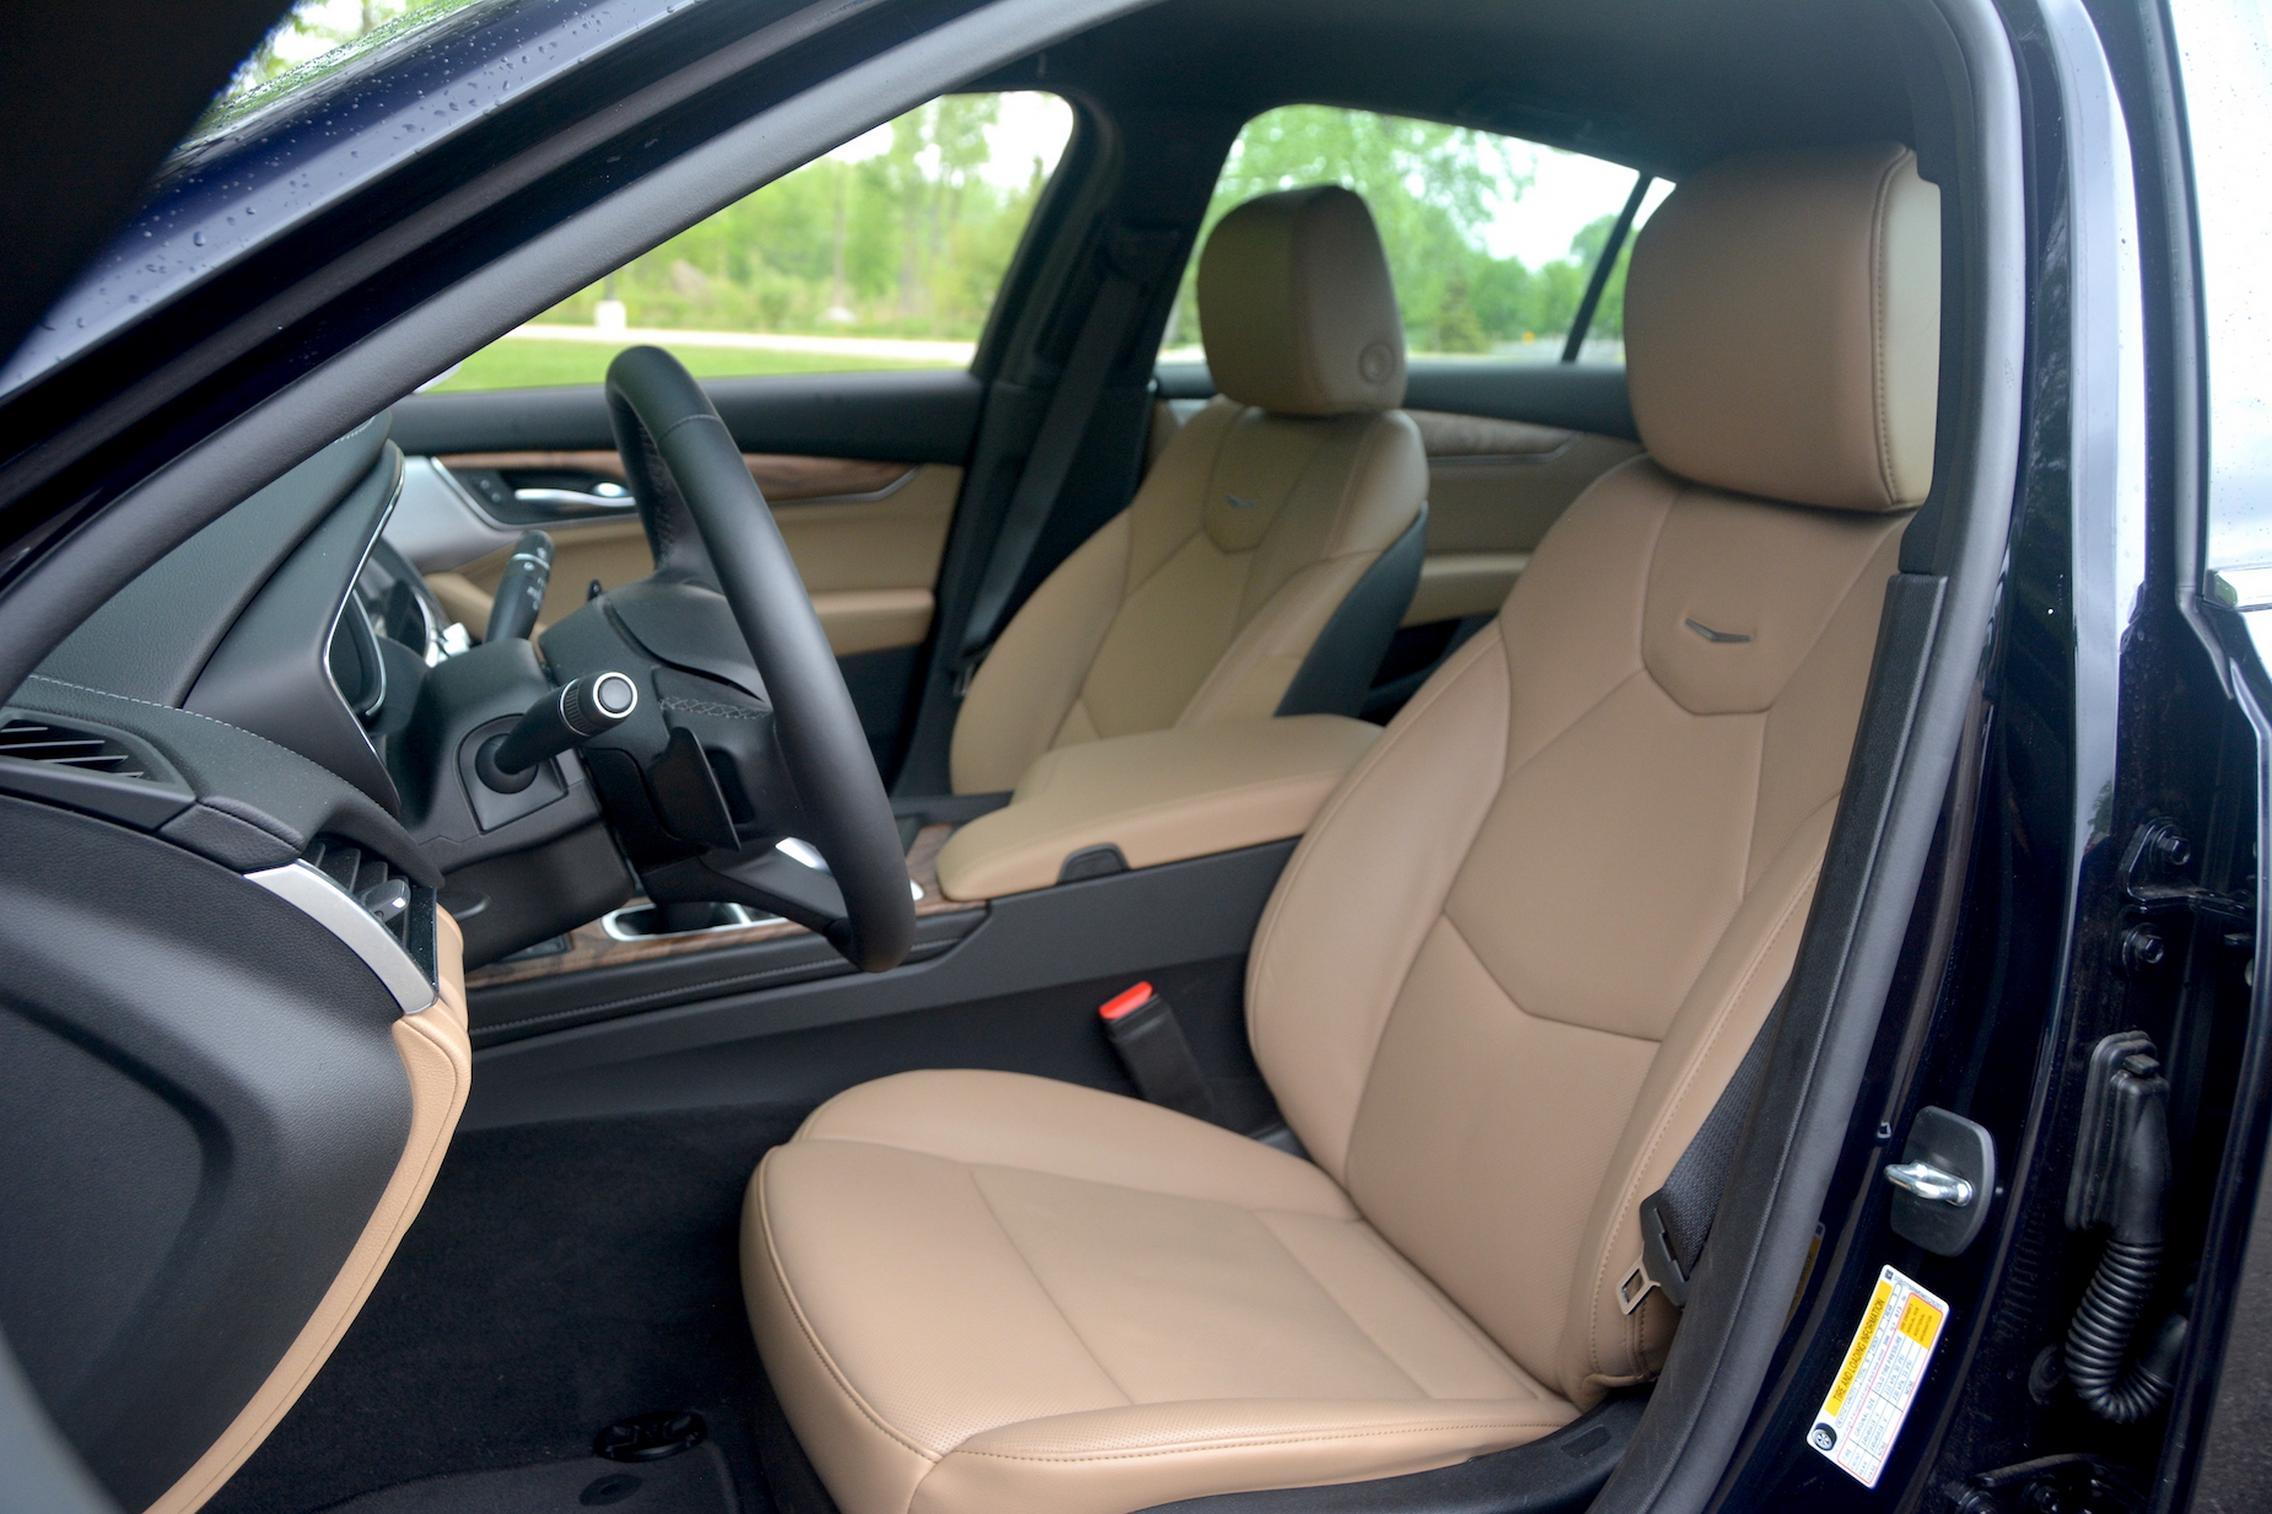 2021 Cadillac CT5 seats